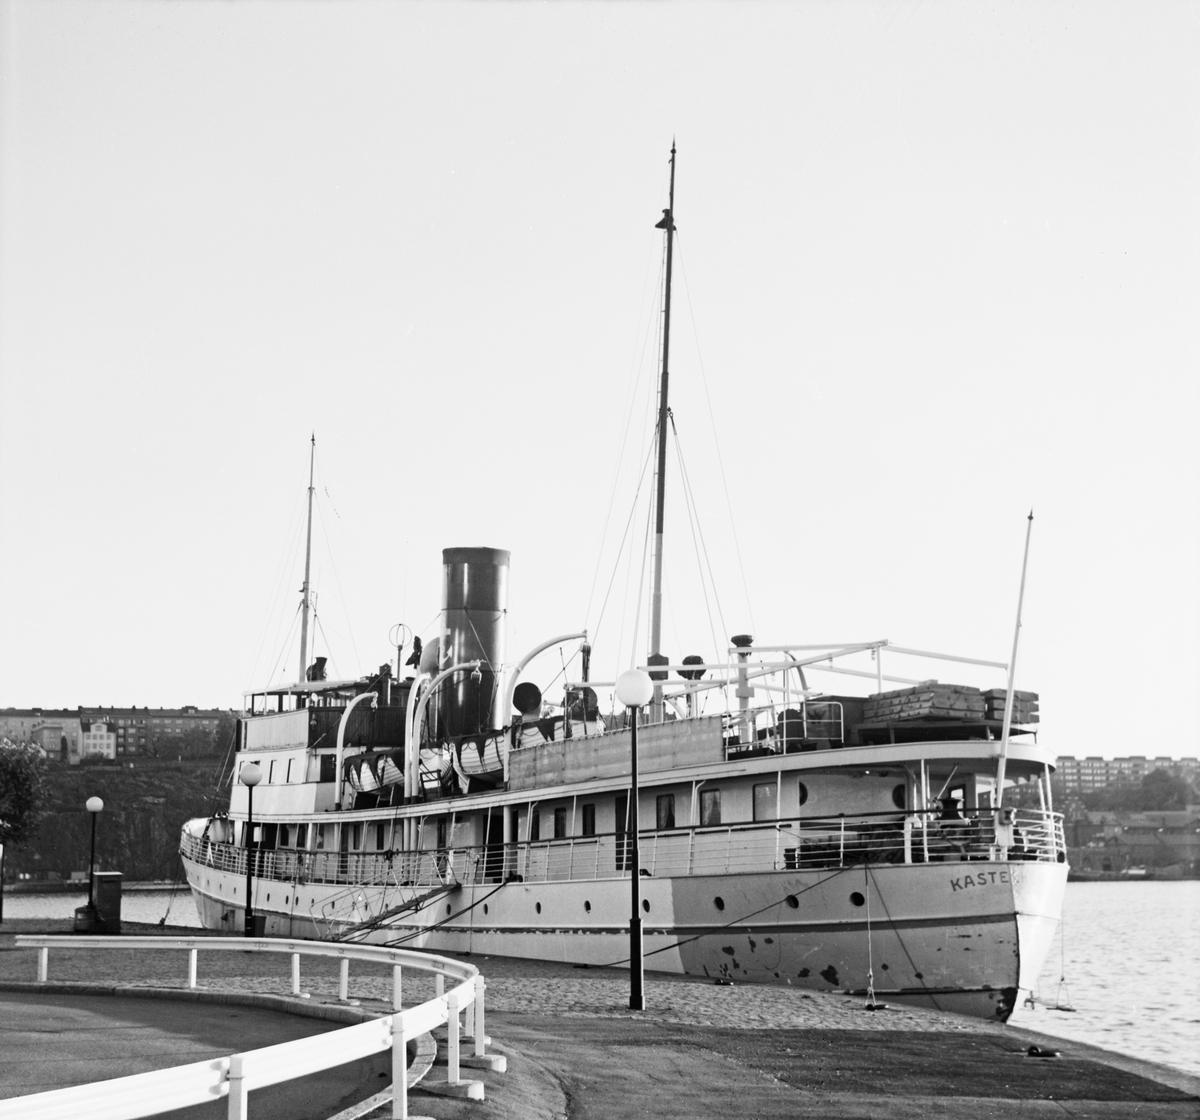 Fartyg: KASTELHOLM                     Bredd över allt 9,42 meter Längd över allt 55,6 meter Reg. Nr.: 7512 Byggår: 1929 Varv: Eriksbergs MV Övrigt: KASTELHOLM Reg nr 7512, 54,89 x 9,33 m, 850 ihk, 907 brt, 570 nrt. Byggdes 1929 av Eriksbergs MV i Göteborg för AB Svenska Amerika-Linien och insattes på linjen Åbo-Mariehamn-Kalmar-Malmö-Köpenhamn. Ångaren hade hyttplatser för 210 passagerare. Såldes i april 1952 till Ångfartygs AB Mariehamn och 1954 till borebolaget. Såldes i maj 1972 till Nya Ångfartygs AB Strömma kanal men kvarstod i finska handelsflottan. Köptes i maj 1973 av Richard Grönstedt, Stockholm och 1.12 1973 återköptes Kastelholm av Strömma-Kanal Bolaget. Såldes i december 1973 till Operation and Transport Corp. Ltd i Panama. Var tänkt att insättas i kryssningstrafik i Östersjön. Såldes i augusti 1975 till Persöner Återvinnings AB i Ystad och skrotades. (Svensk Kustsjöfart 1840-1940)